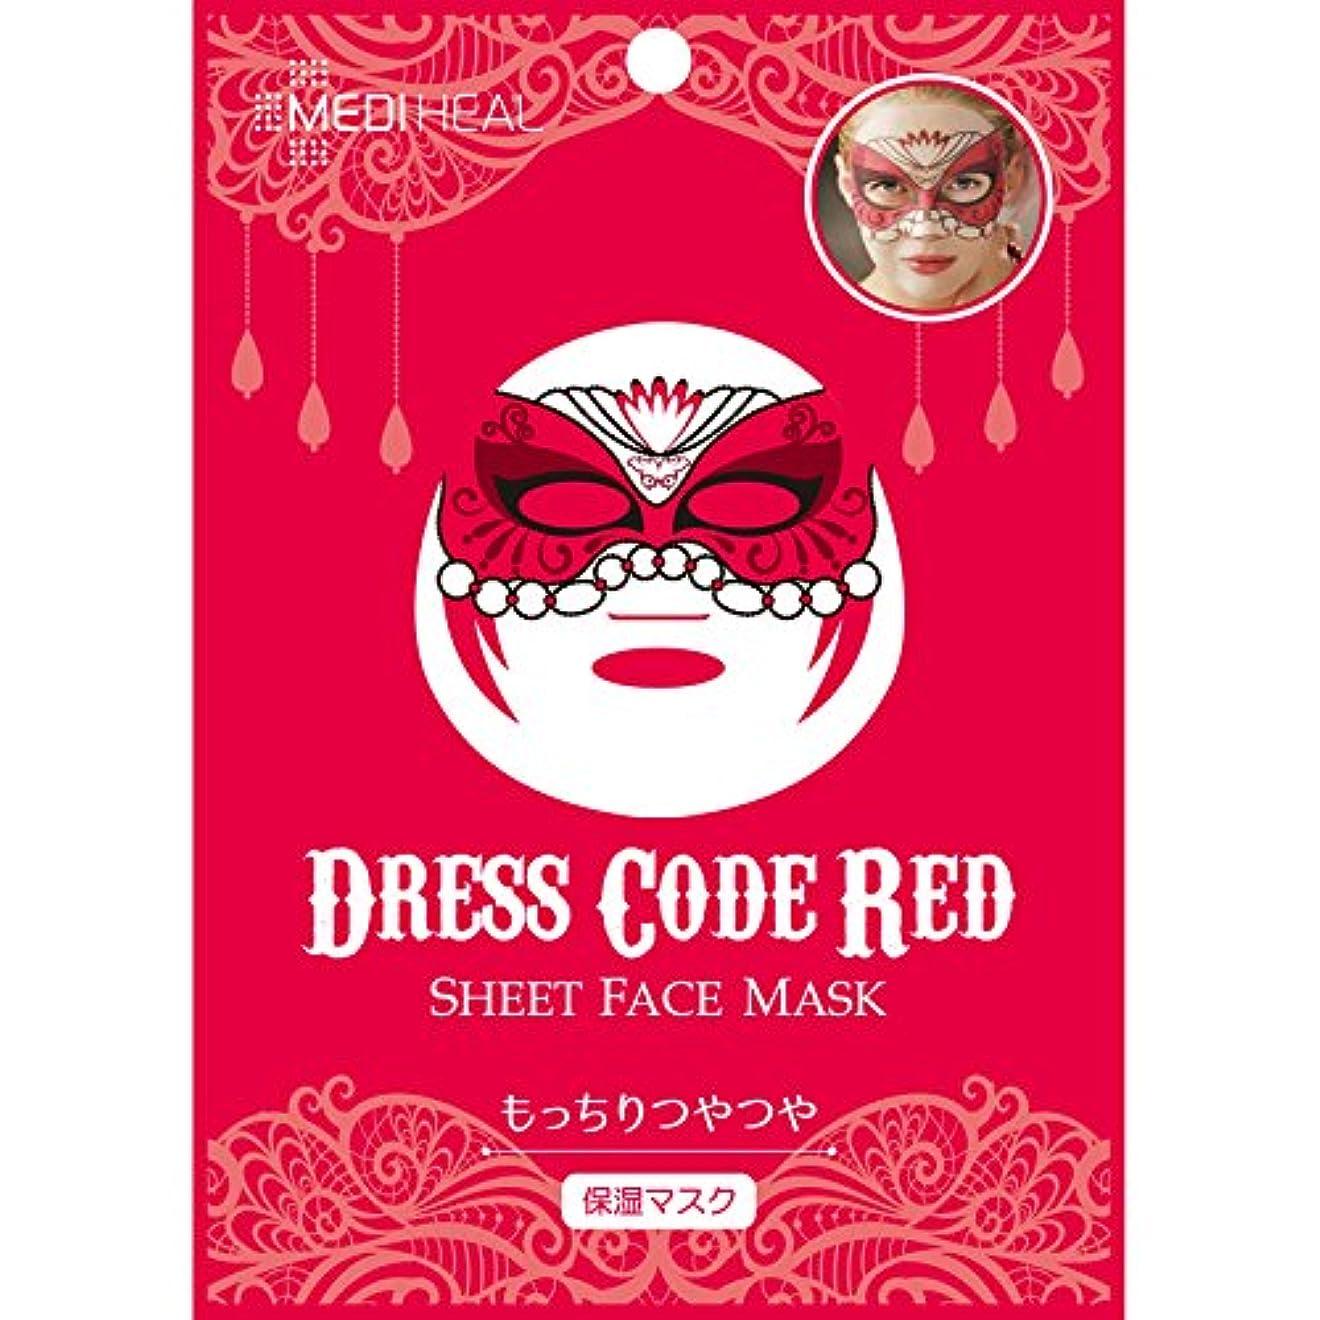 発見減衰提案するメディヒル フェイスマスク ドレスコードレッド (27ML/1シート)